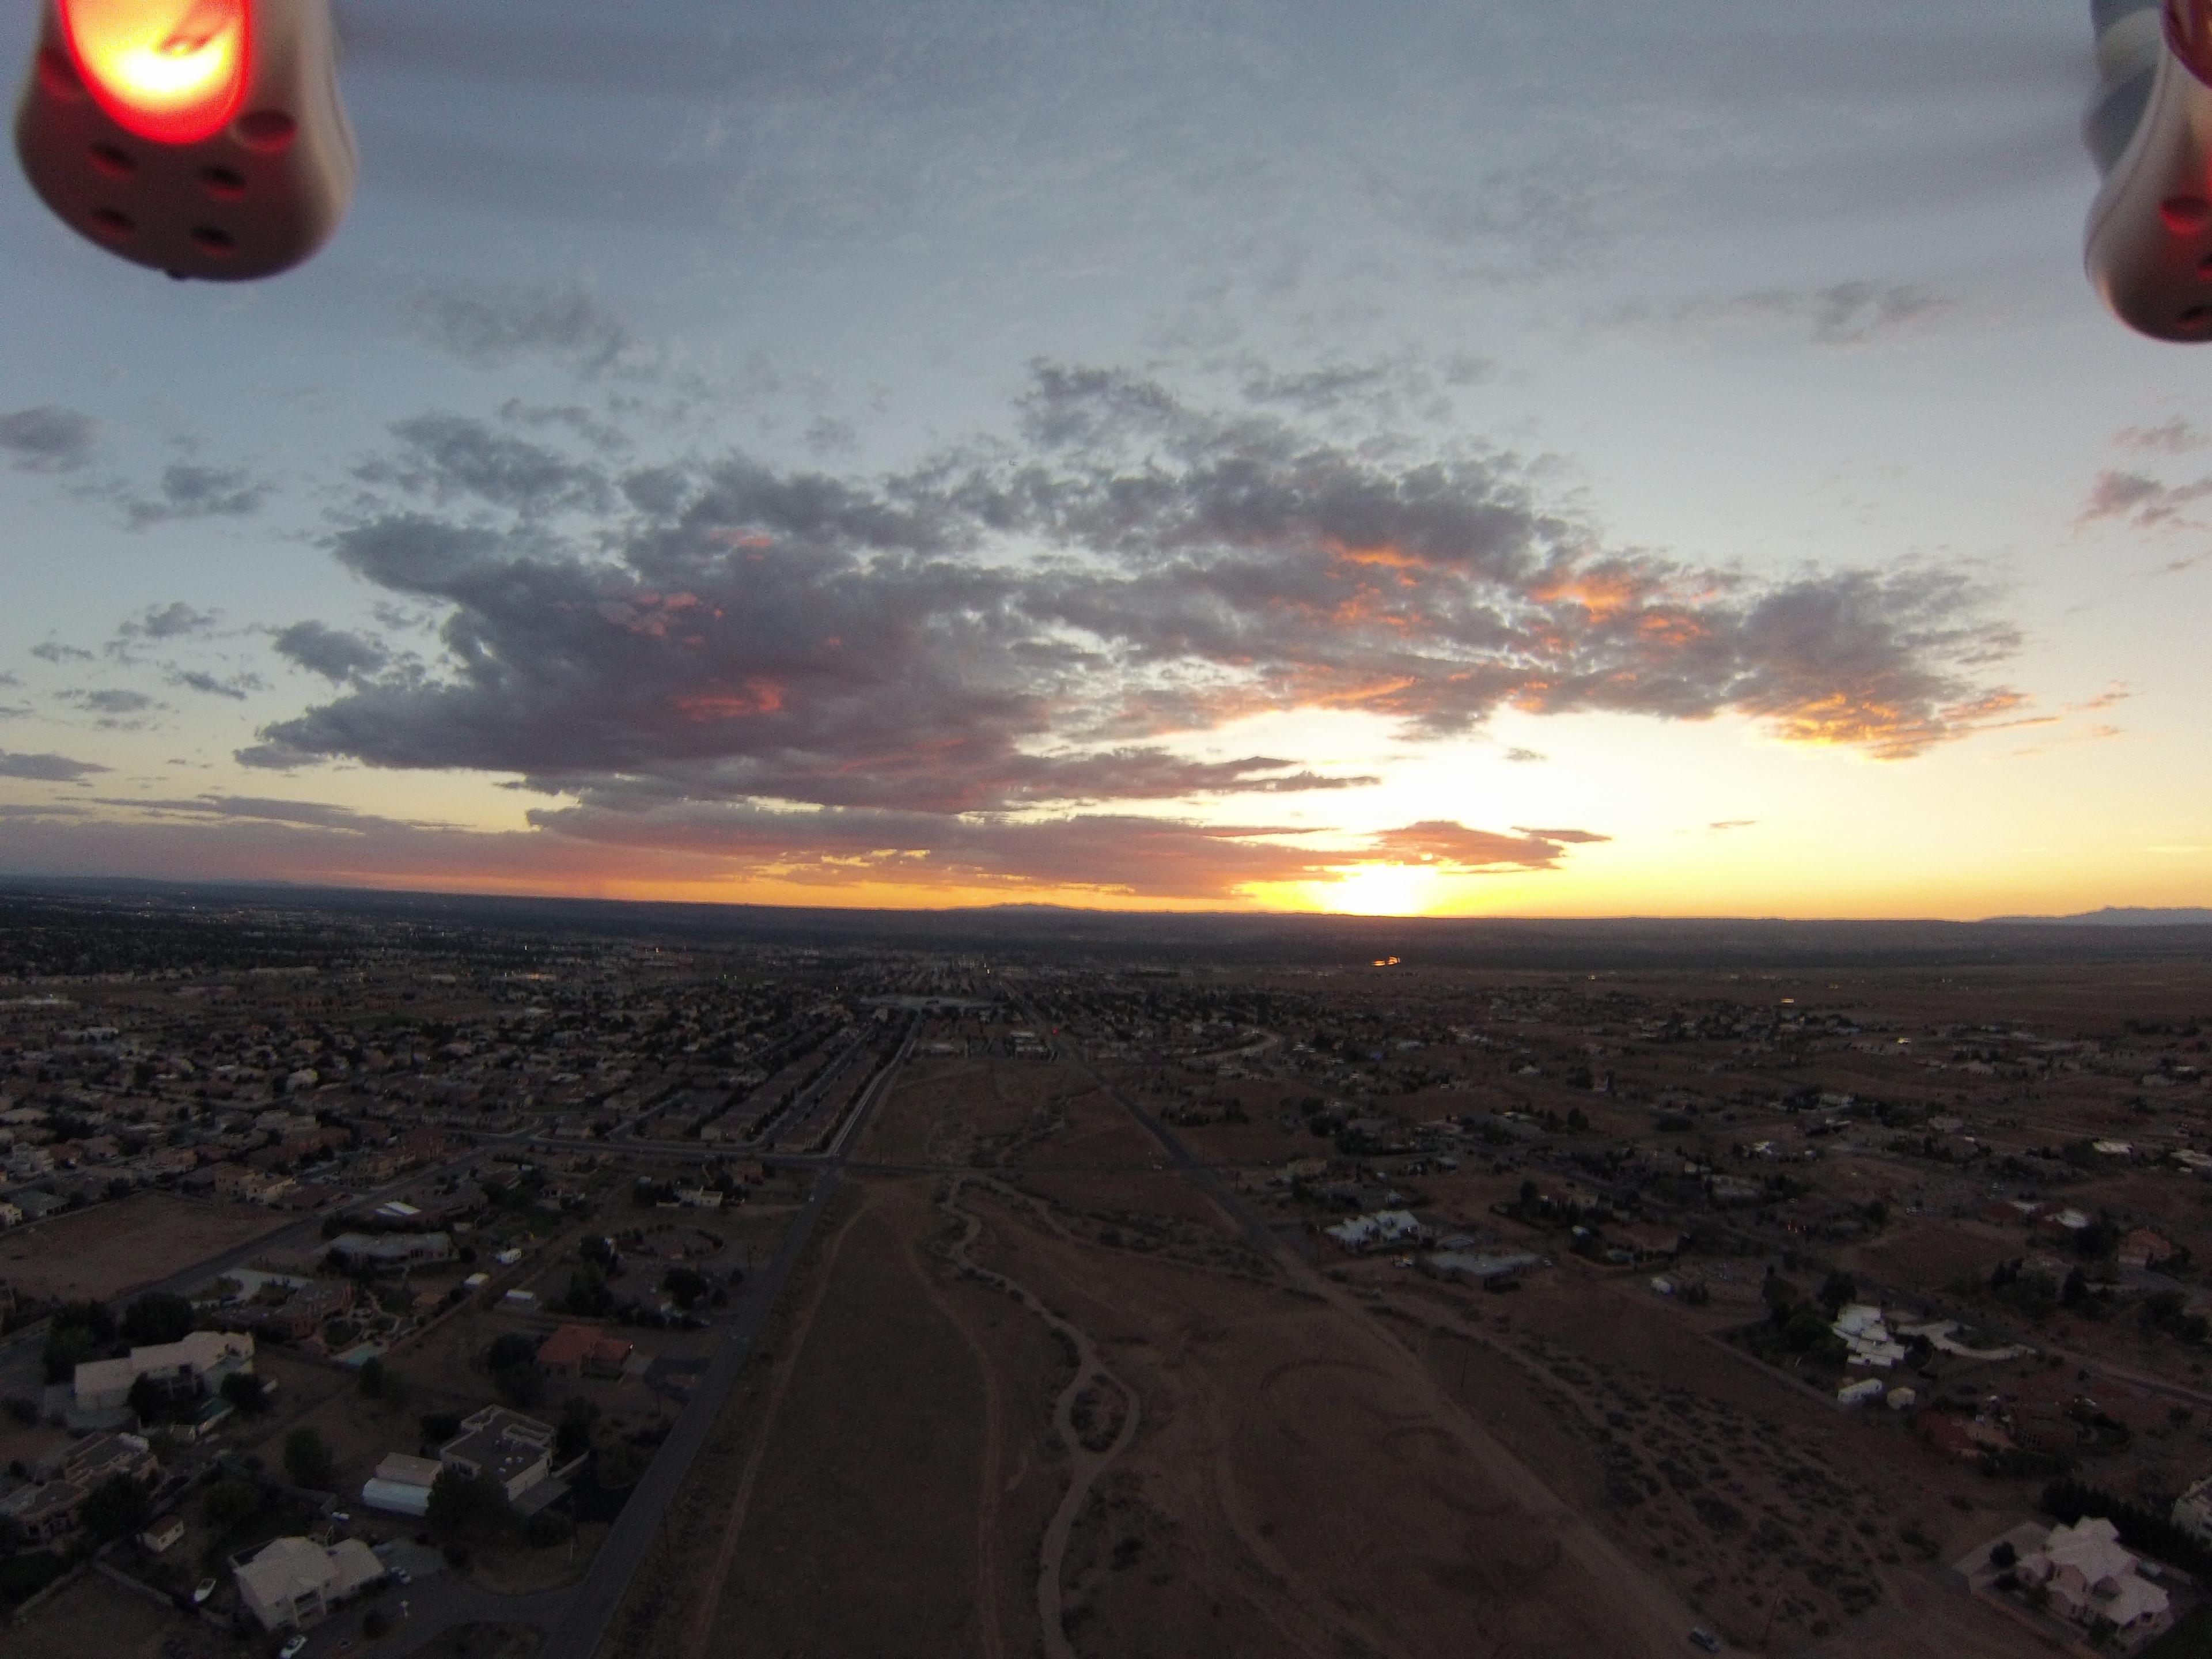 Signal & Ventura, Albuquerque, New Mexico, USA